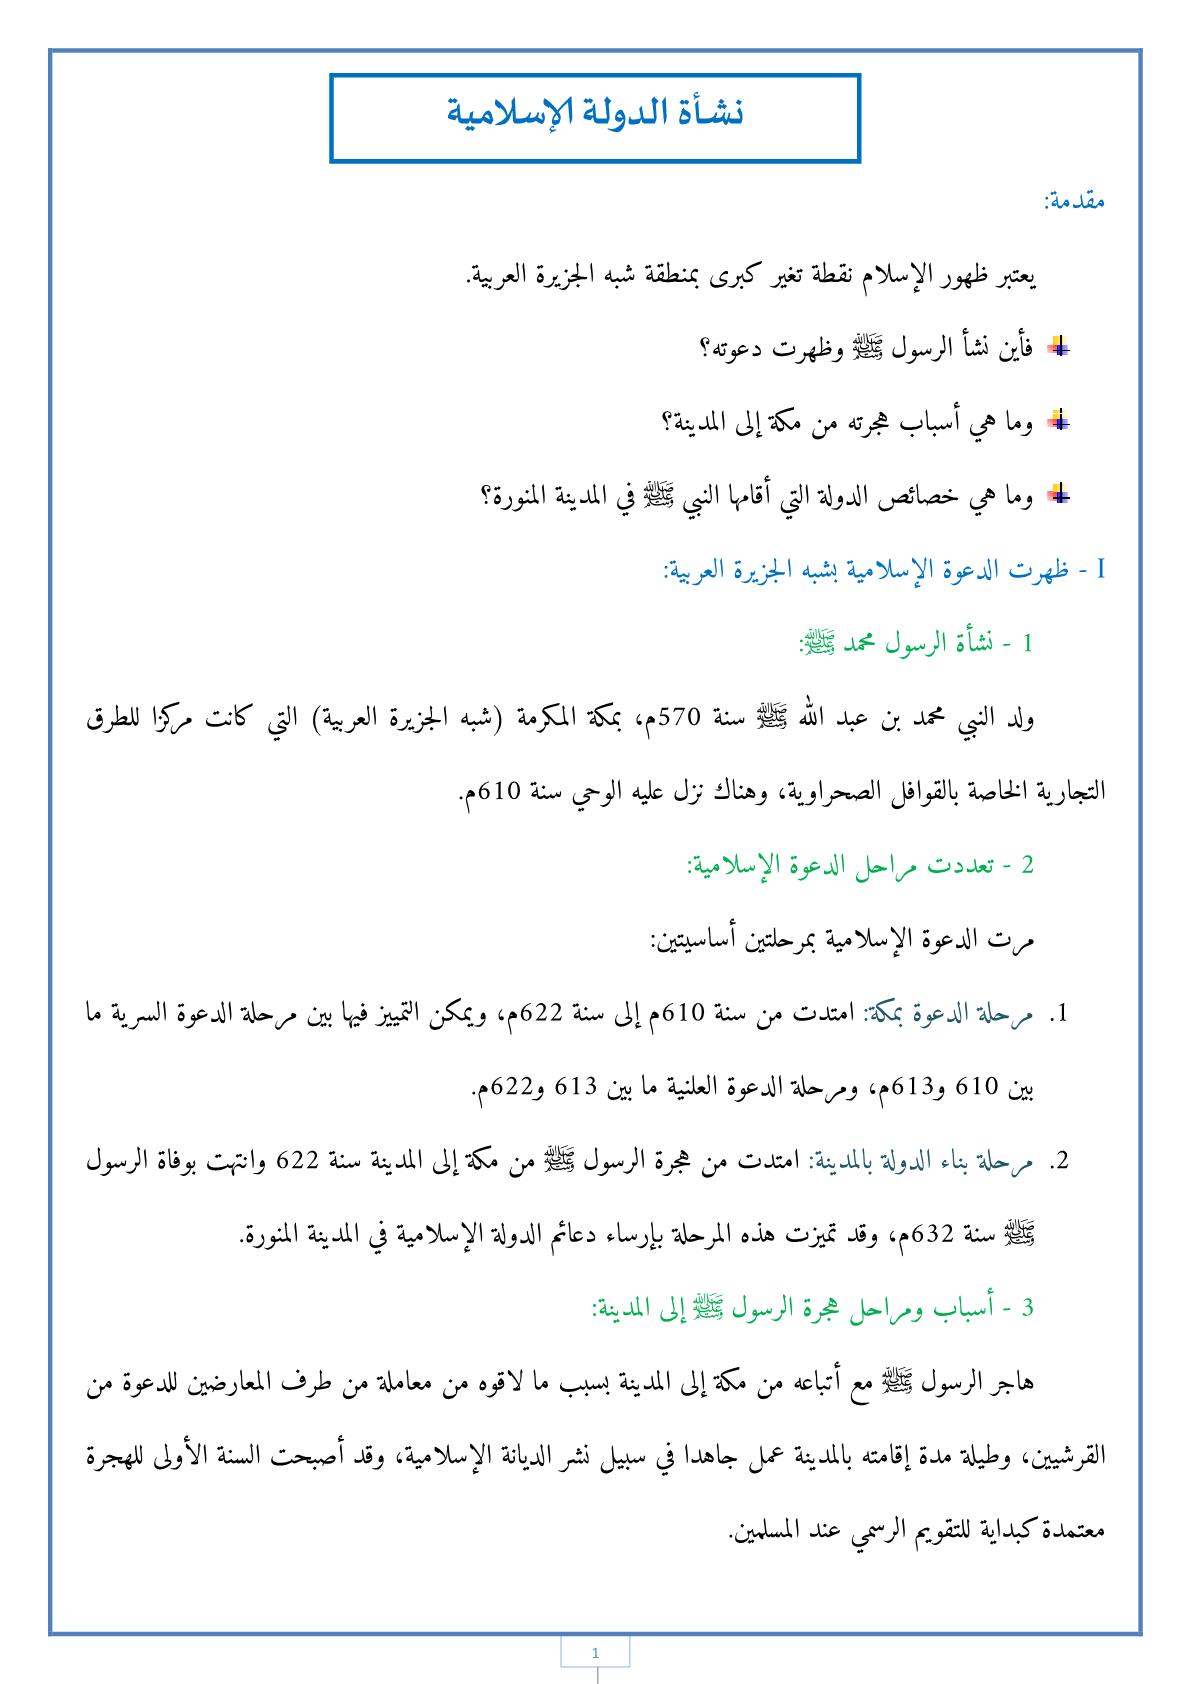 درس نشأة الدولة الإسلامية للسنة الأولى إعدادي (فضاء الاجتماعيات)